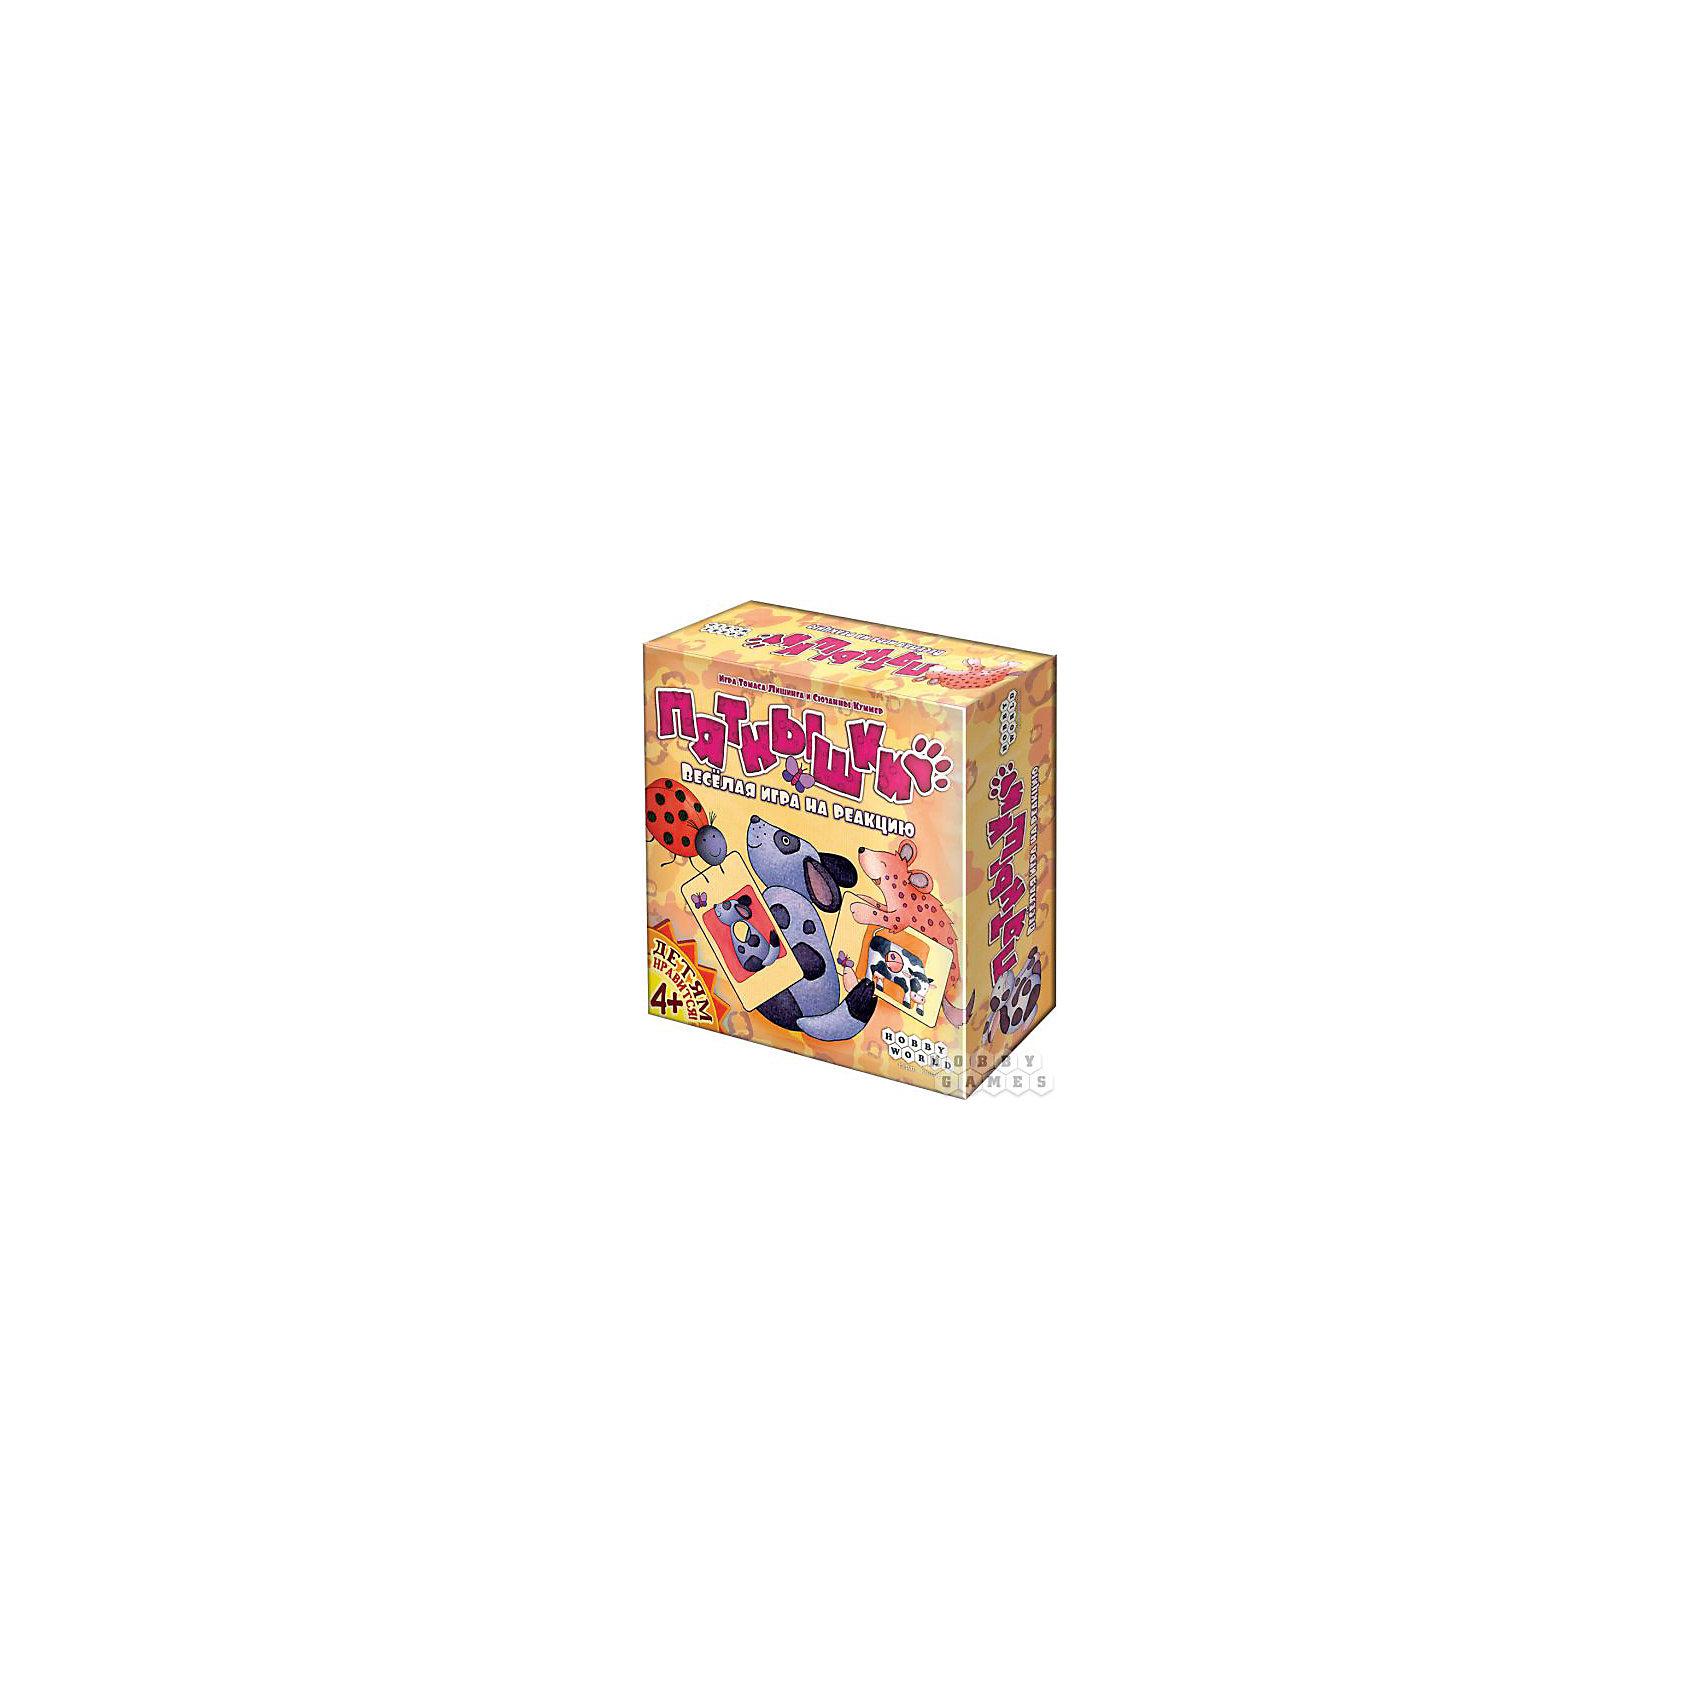 Игра Пятнышки,  Hobby WorldНастольные игры для всей семьи<br>Характеристики товара:<br><br>• возраст: от 4 лет;<br>• материал: картон;<br>• количество игроков: 2-4 человек;<br>• время игры: от 10 минут;<br>• в комплекте: 24 карты животных, 24 карты узоров, правила игры;<br>• размер упаковки 13,5х13,5х4 см;<br>• вес упаковки 150 гр.;<br>• страна производитель: Россия.<br><br>Игра «Пятнышки» Hobby World — увлекательная игра для самых маленьких, которая тренирует у детей внимательность, скорость и быстроту реакции, ловкость. Каждый игрок получает на руки 6 карт с животными, а карты с узорами колодой остаются в центре игрового поля. Одна карта с узорами открывается, и игроки должны из своих карточек найти карту с таким же узором и положить ее в центр. Если игрок не ошибается, он забирает карту с узором себе. Победит тот, кто соберет больше всех карточек с узорами.<br><br>Игру «Пятнышки» Hobby World можно приобрести в нашем интернет-магазине.<br><br>Ширина мм: 135<br>Глубина мм: 135<br>Высота мм: 40<br>Вес г: 150<br>Возраст от месяцев: 48<br>Возраст до месяцев: 2147483647<br>Пол: Унисекс<br>Возраст: Детский<br>SKU: 5597232